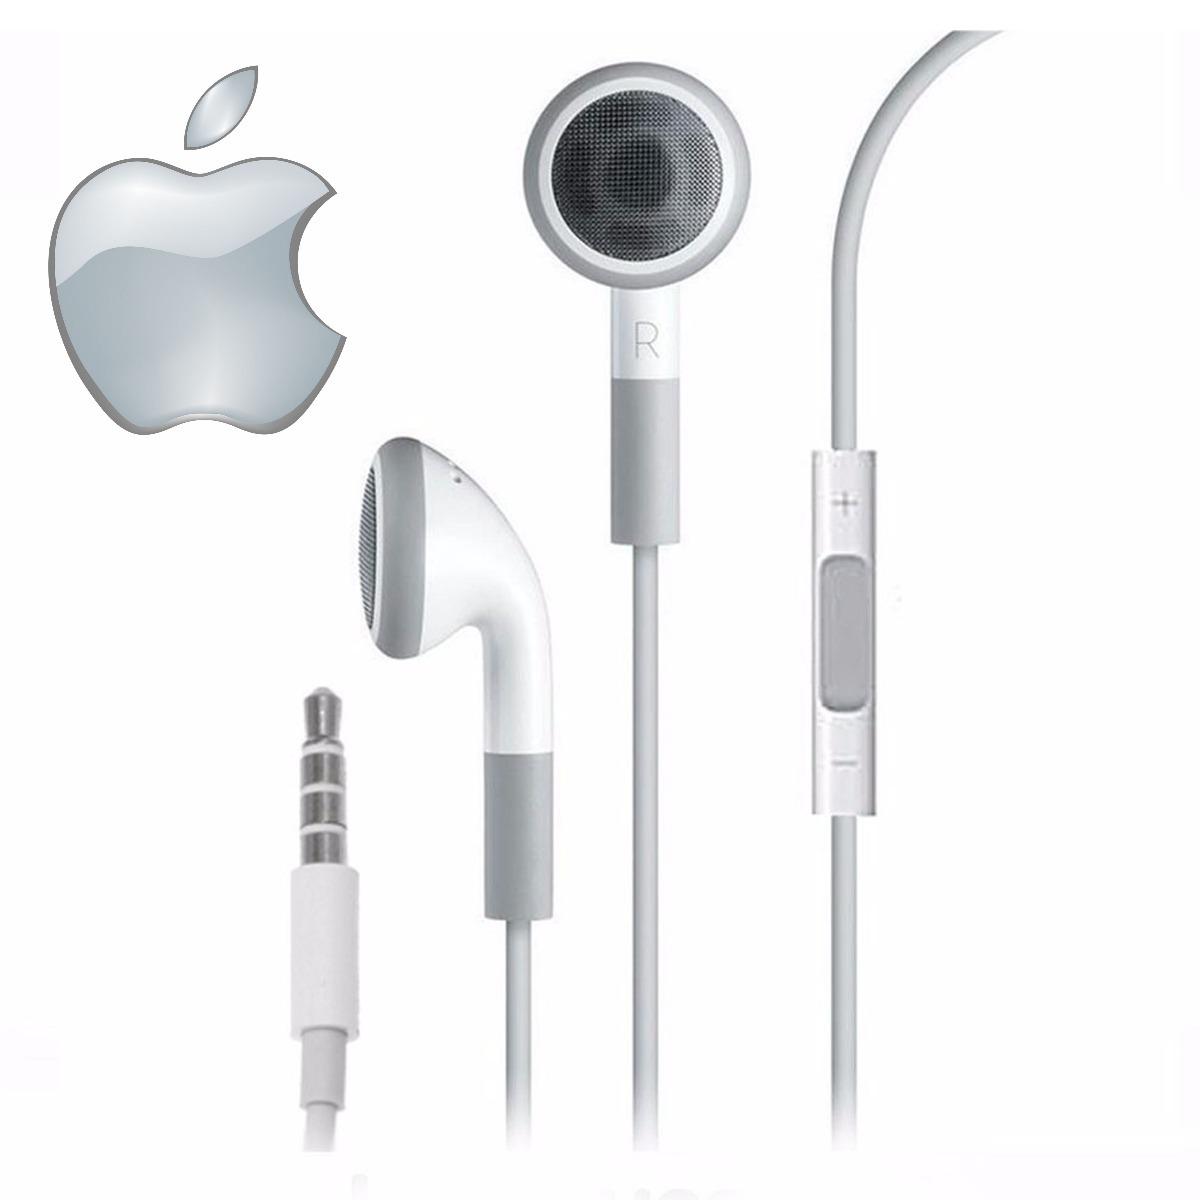 99c7c2b4a64 audífonos manos libres apple original pastilla iphone 4 4s. Cargando zoom.